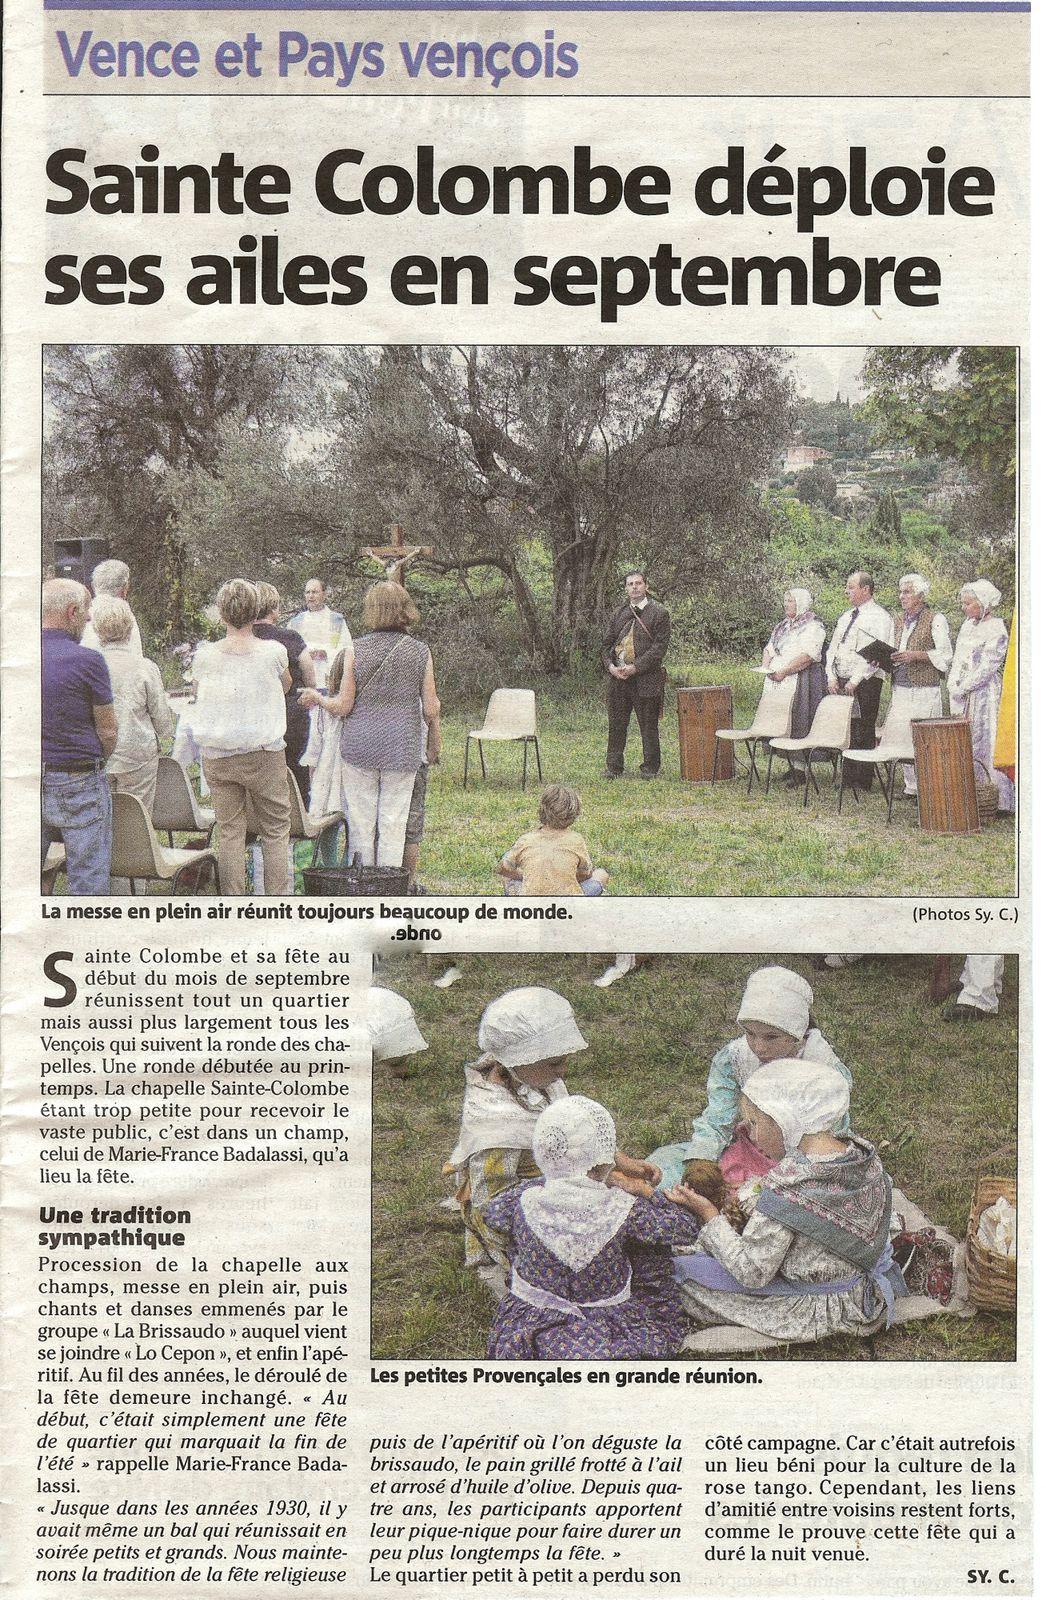 La fête de Ste Colombe connaît toujours autant de succès...